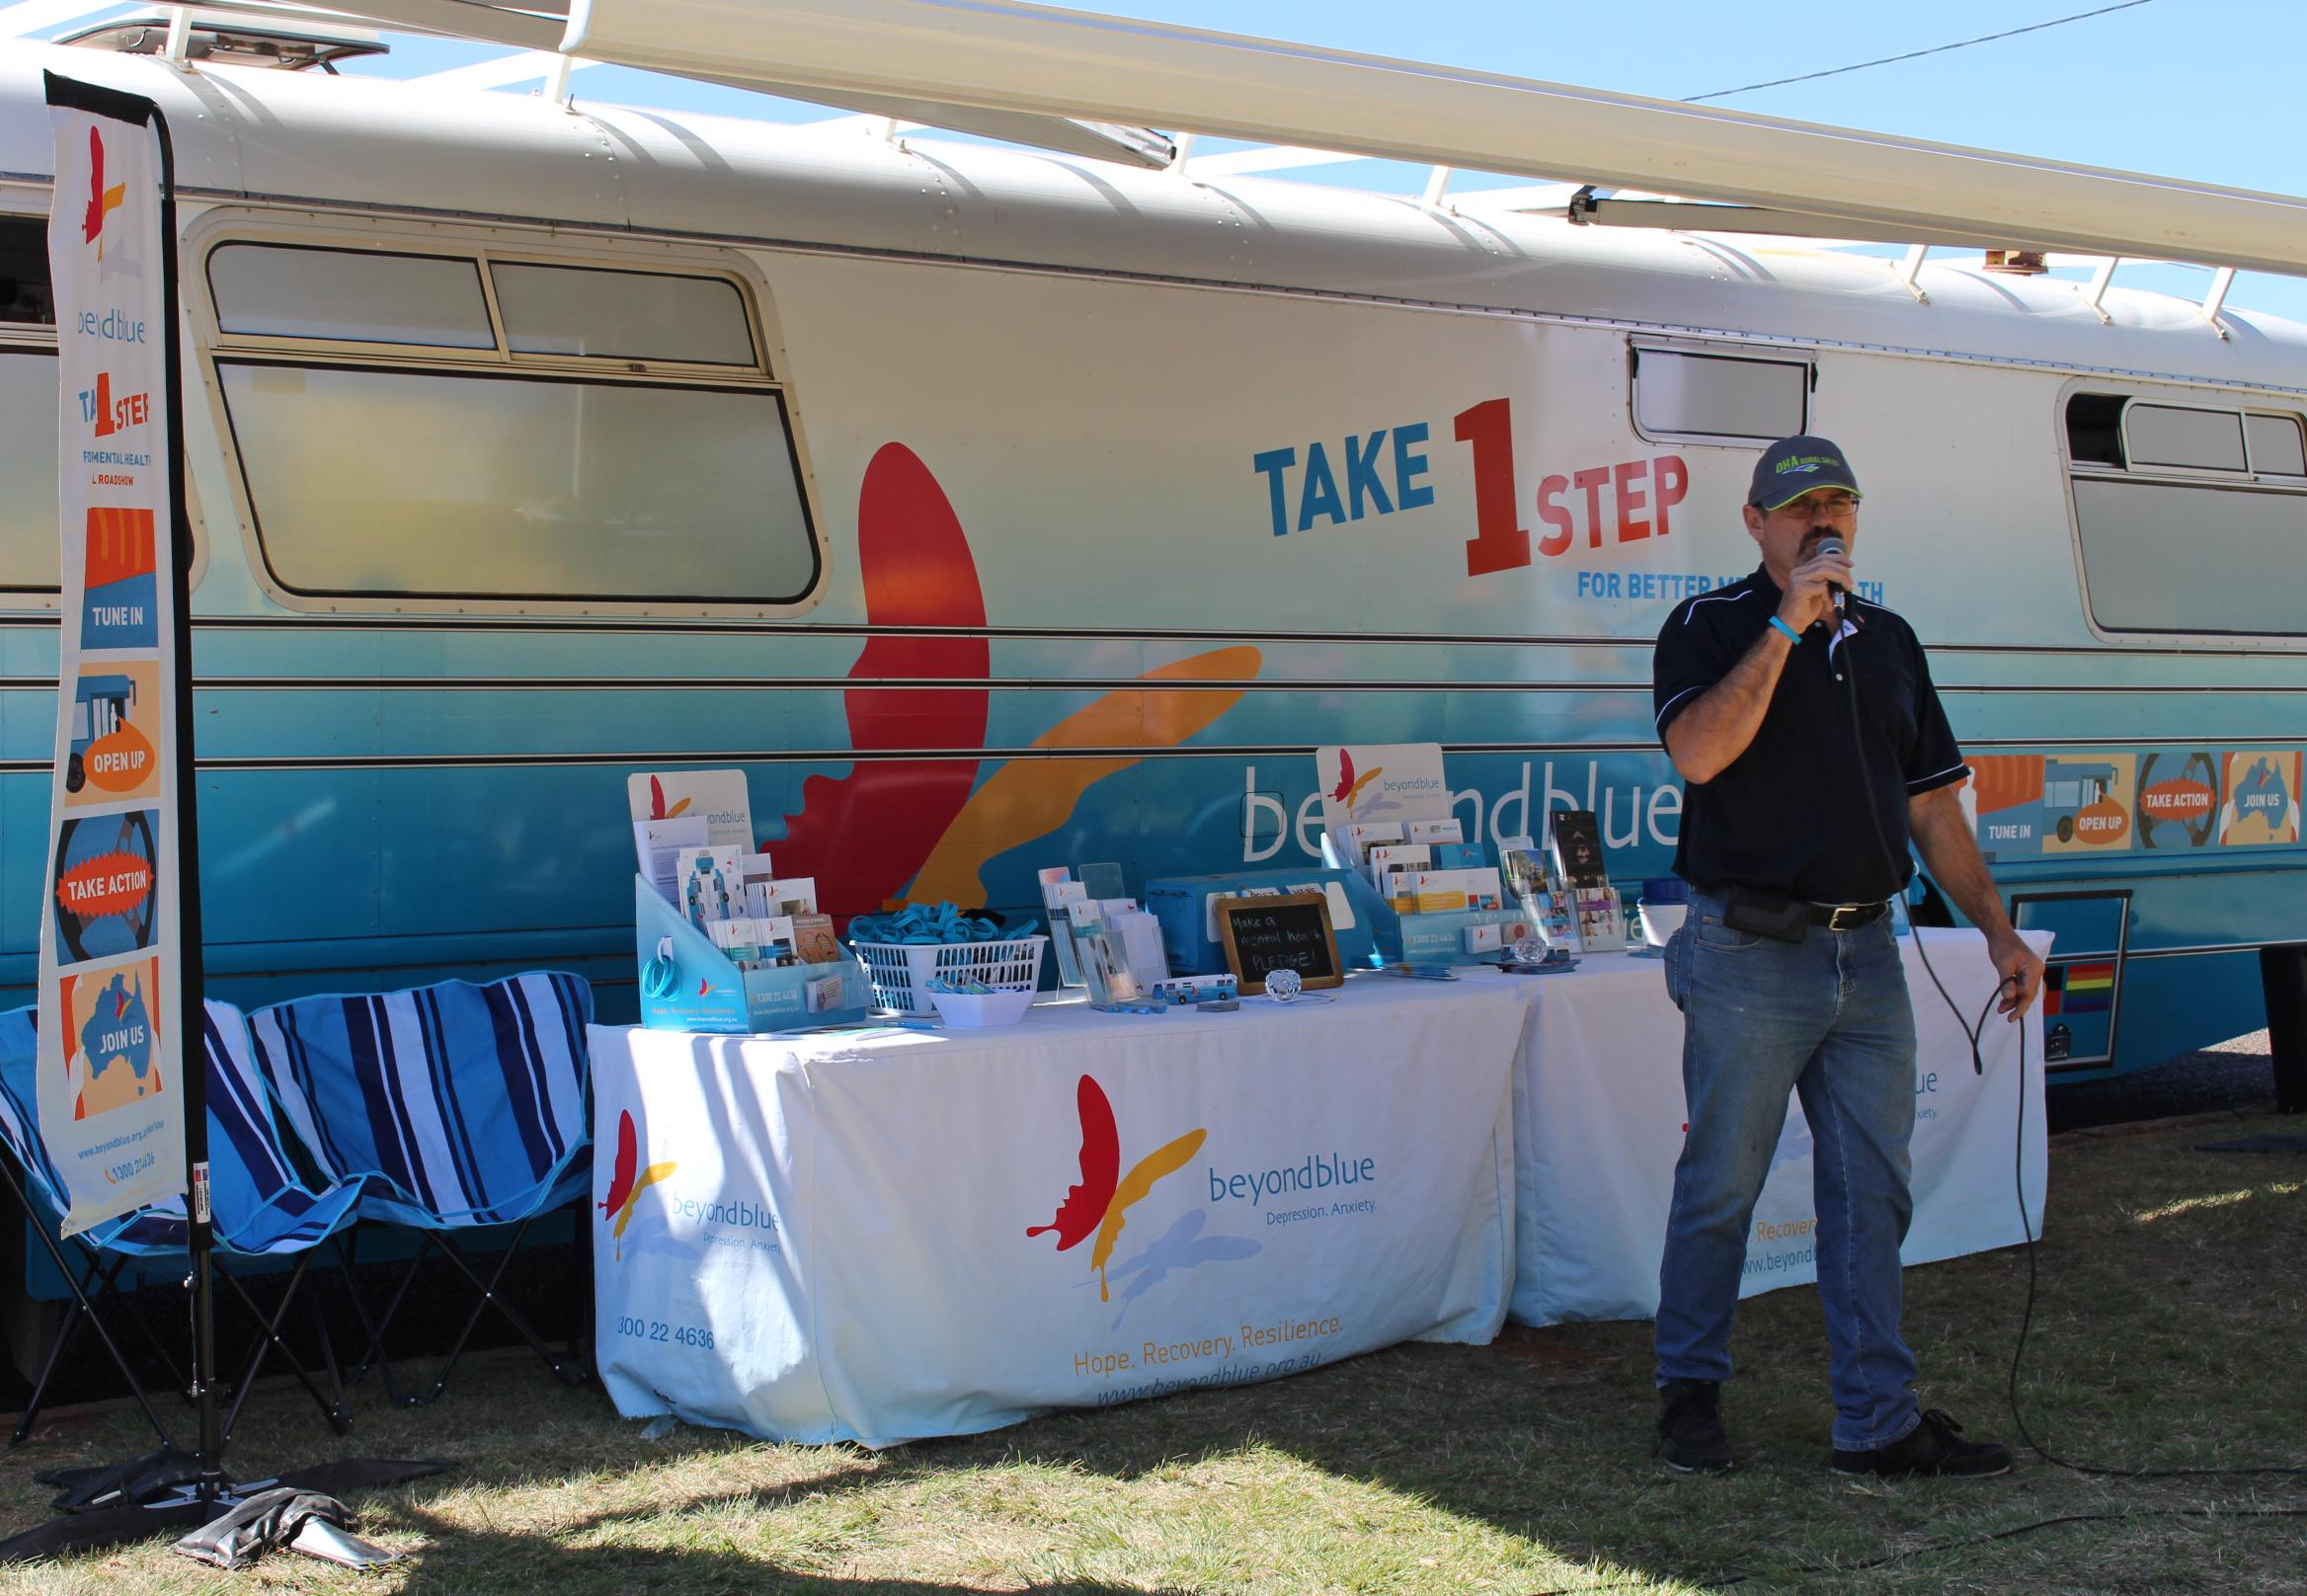 Beyond Blue speaker Eddie Sloan shares his story in Kingaroy.